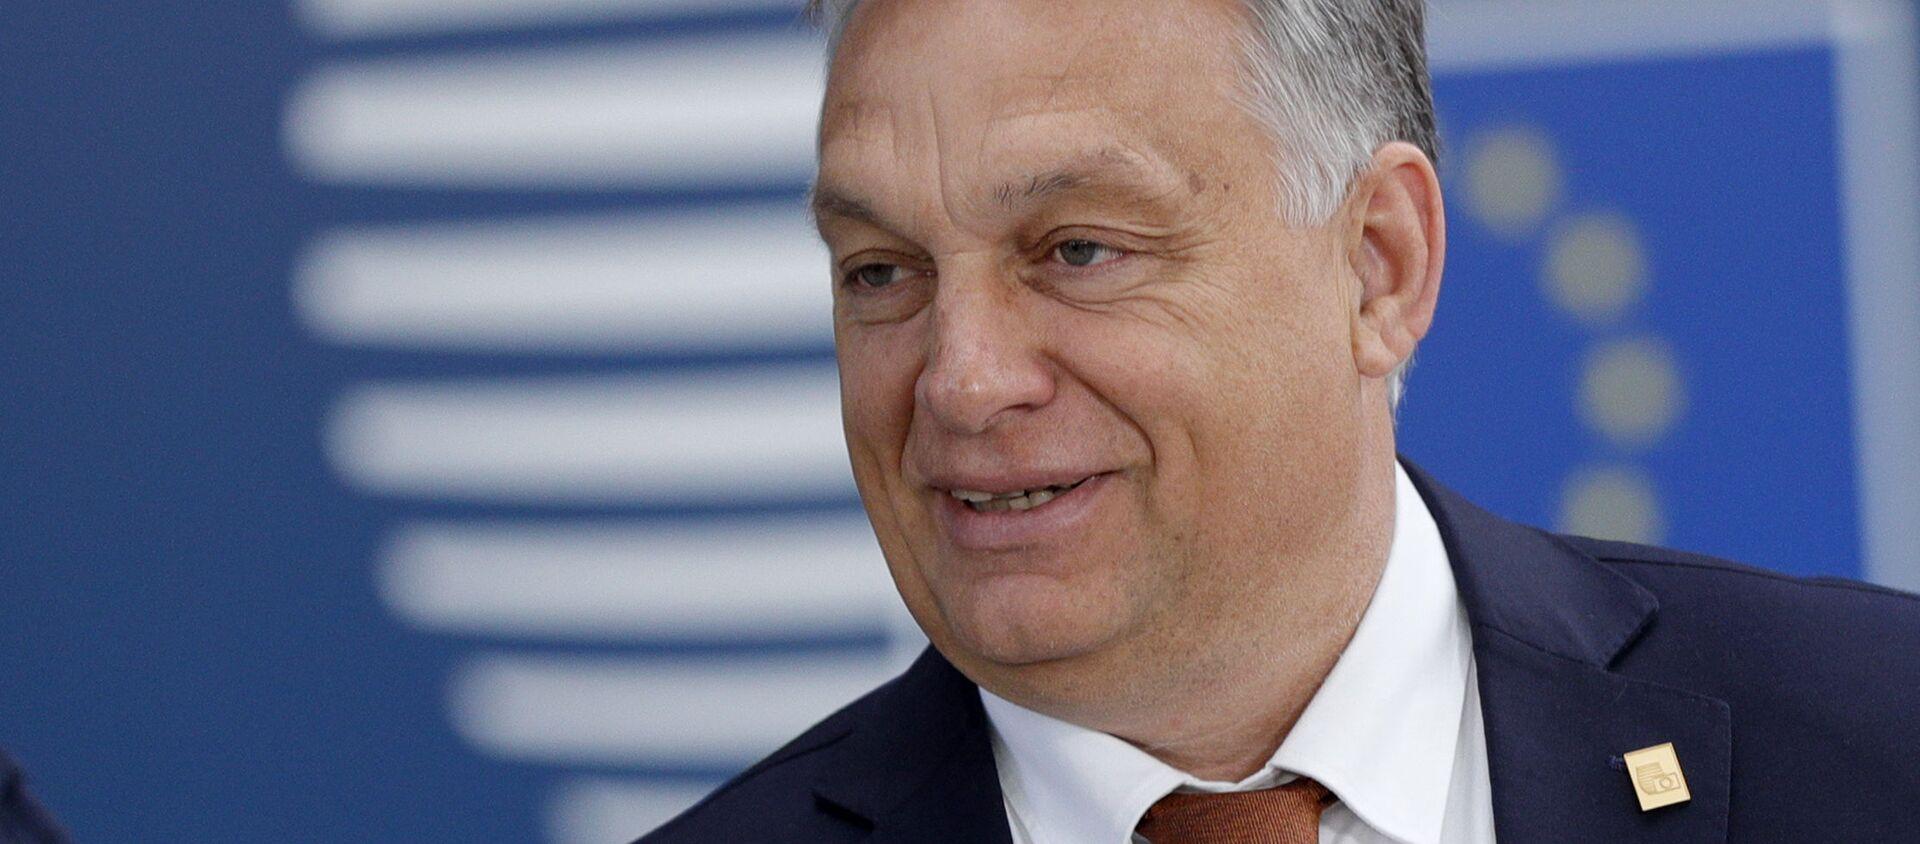 Виктор Орбан - Sputnik Србија, 1920, 06.07.2021